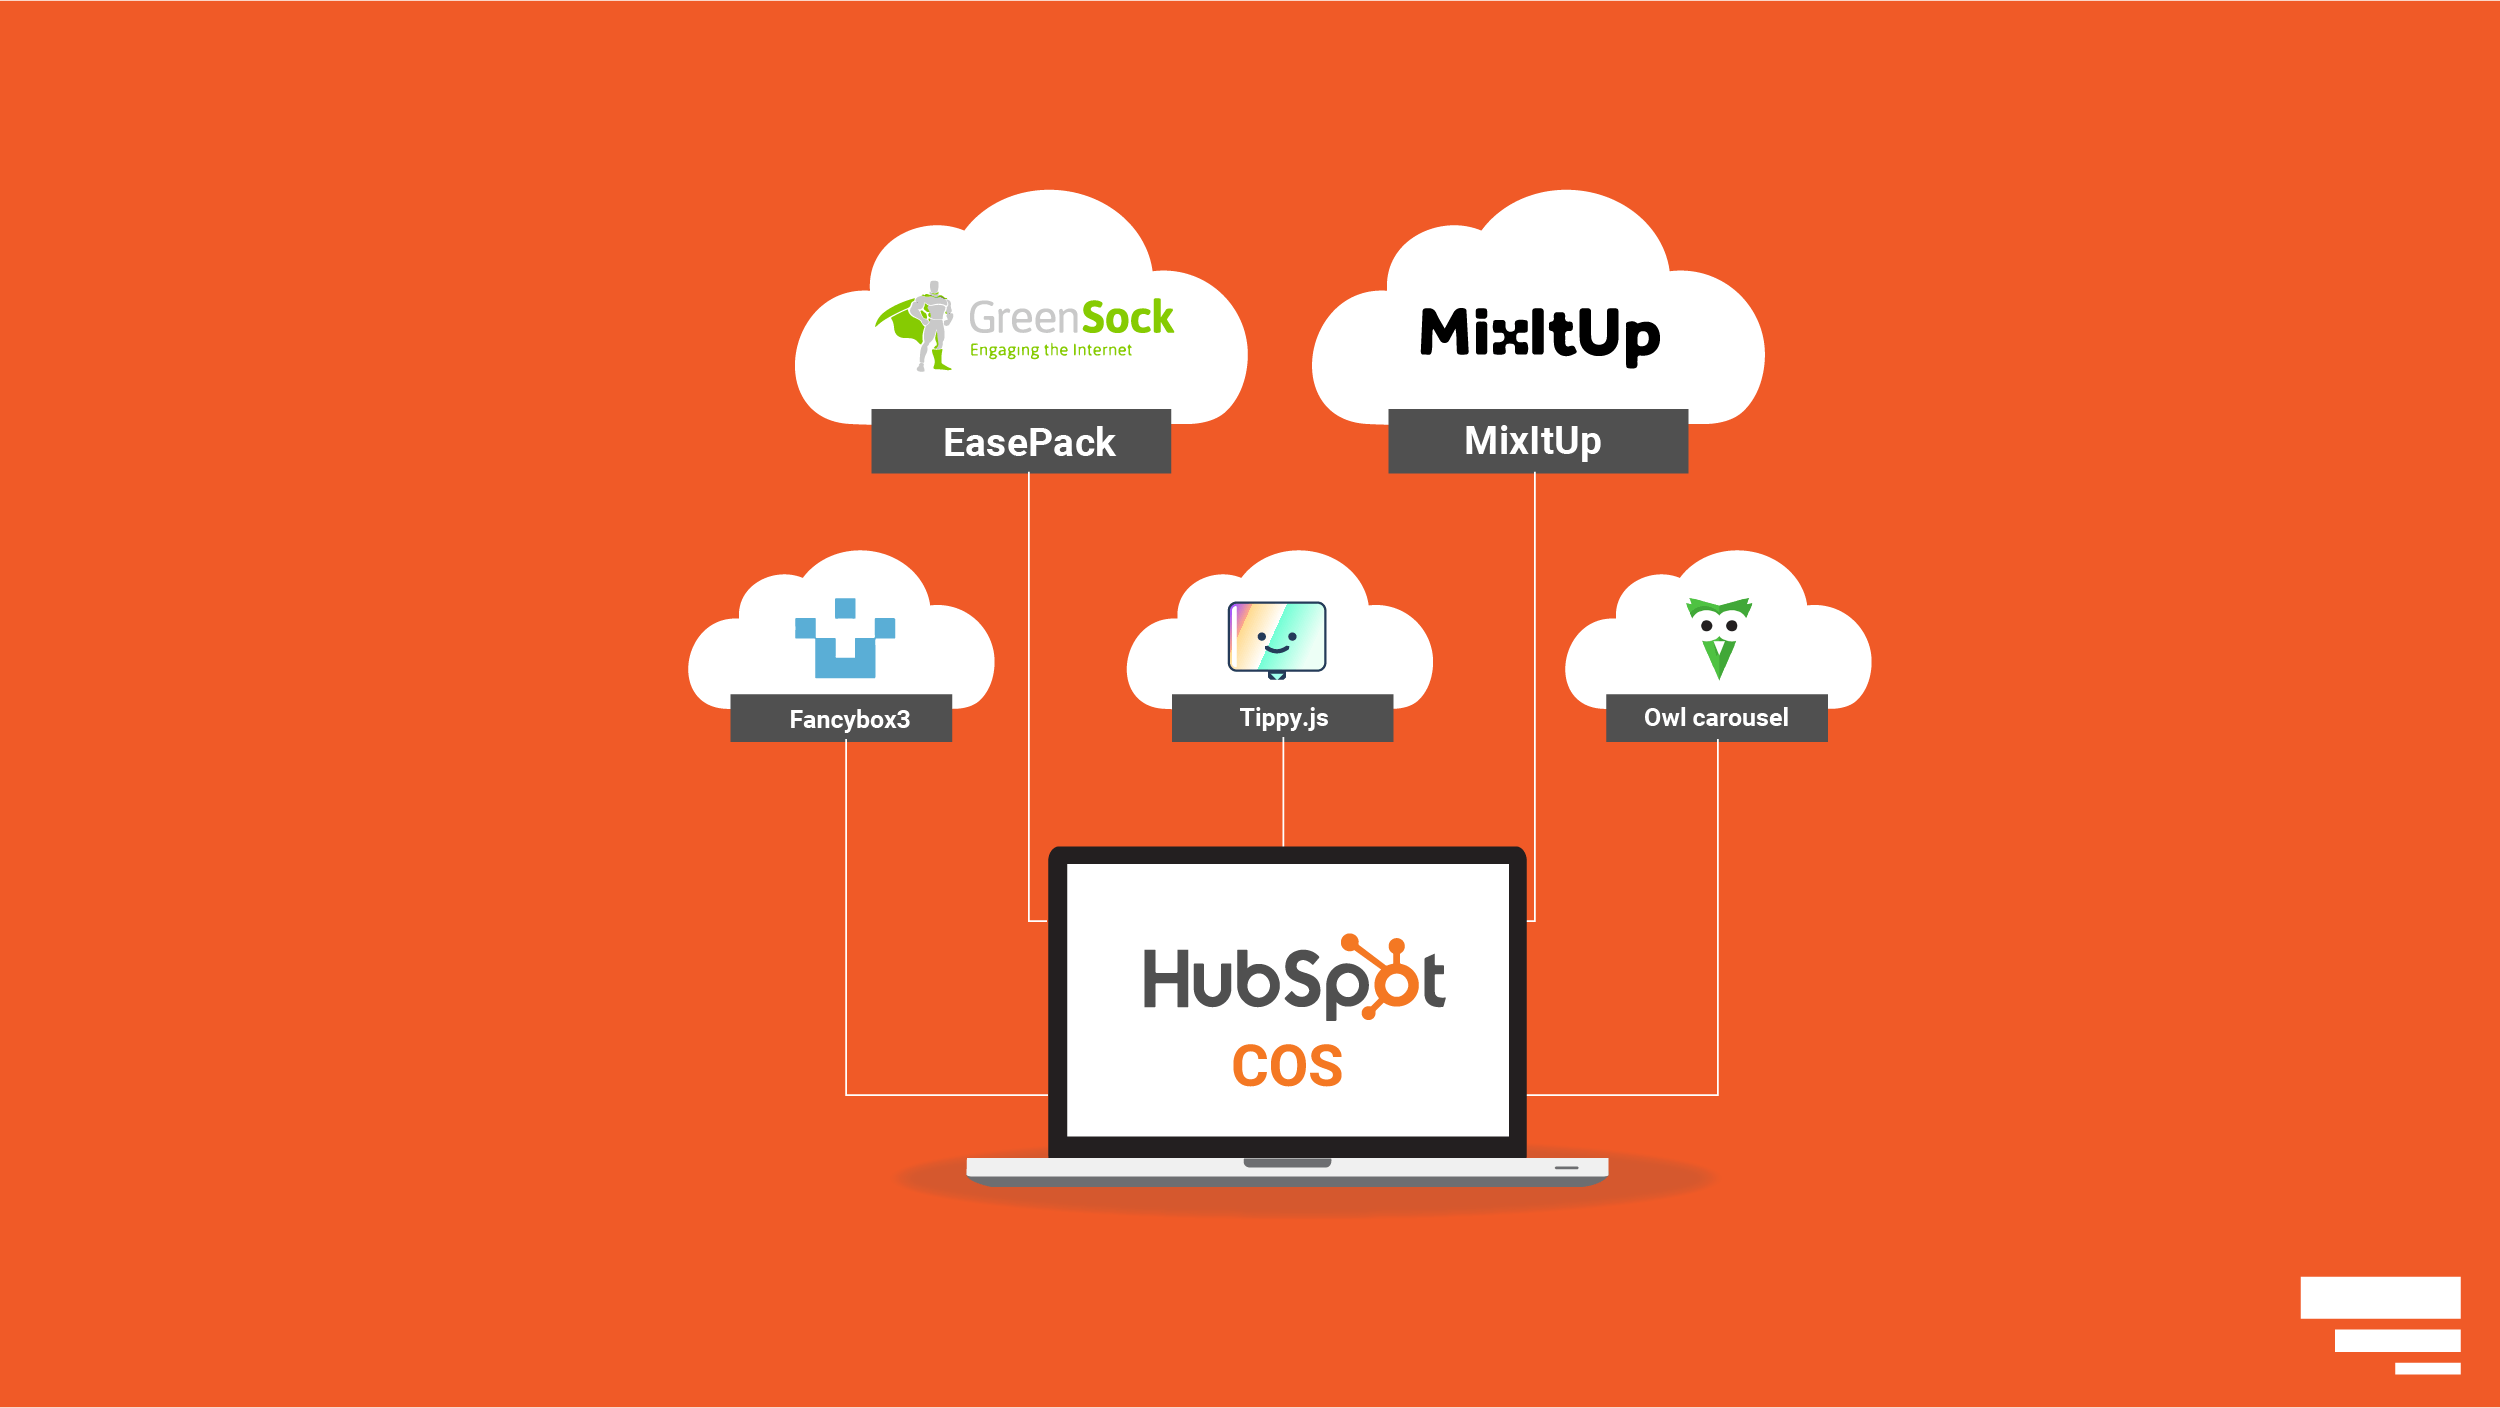 5 Libraries a HubSpot COS Developer should use